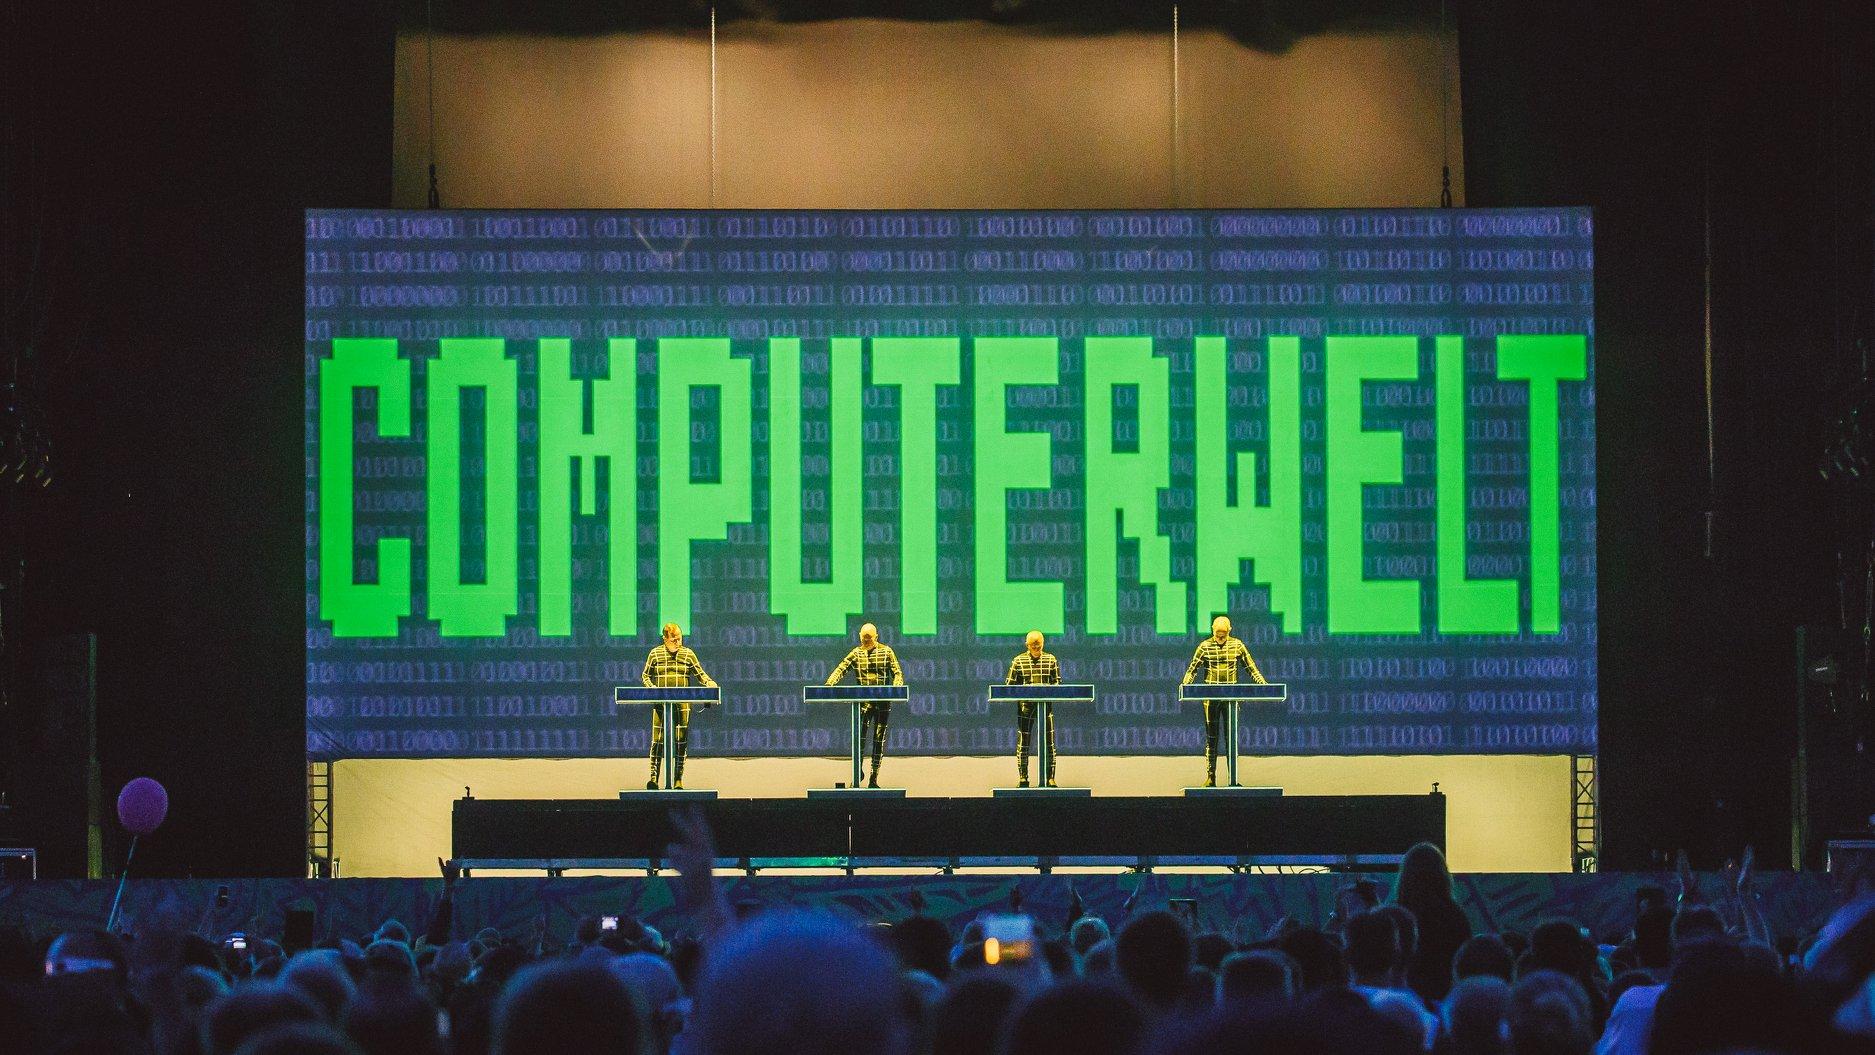 Kraftwert, Lollapalooza Berlín 2018 - Foto de Stephan Flad